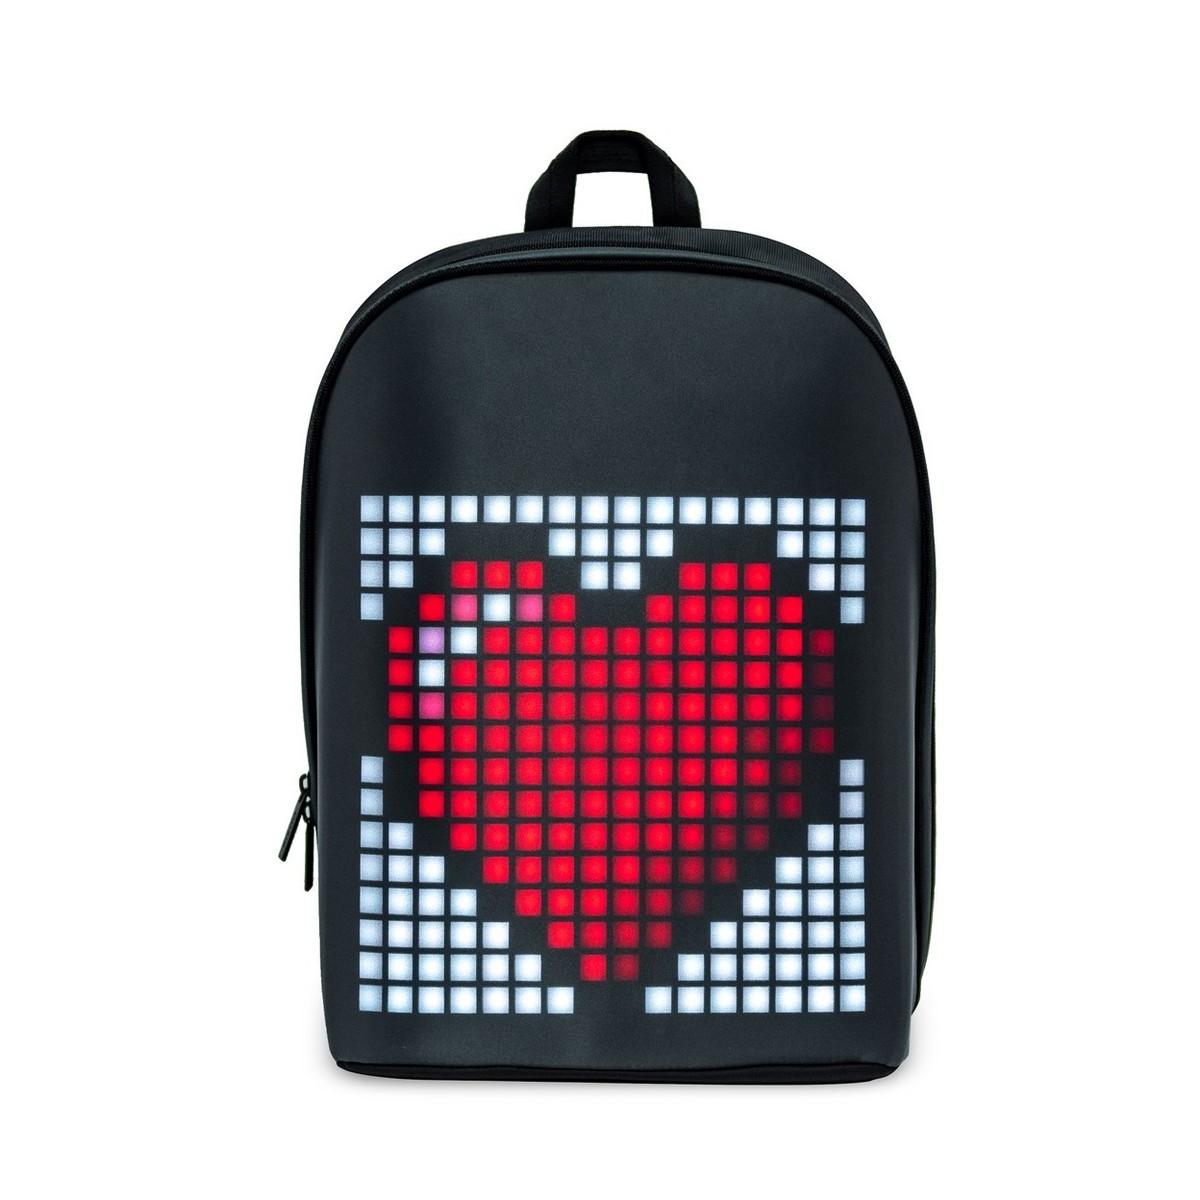 Divoom Pixoo Pixel Backpack